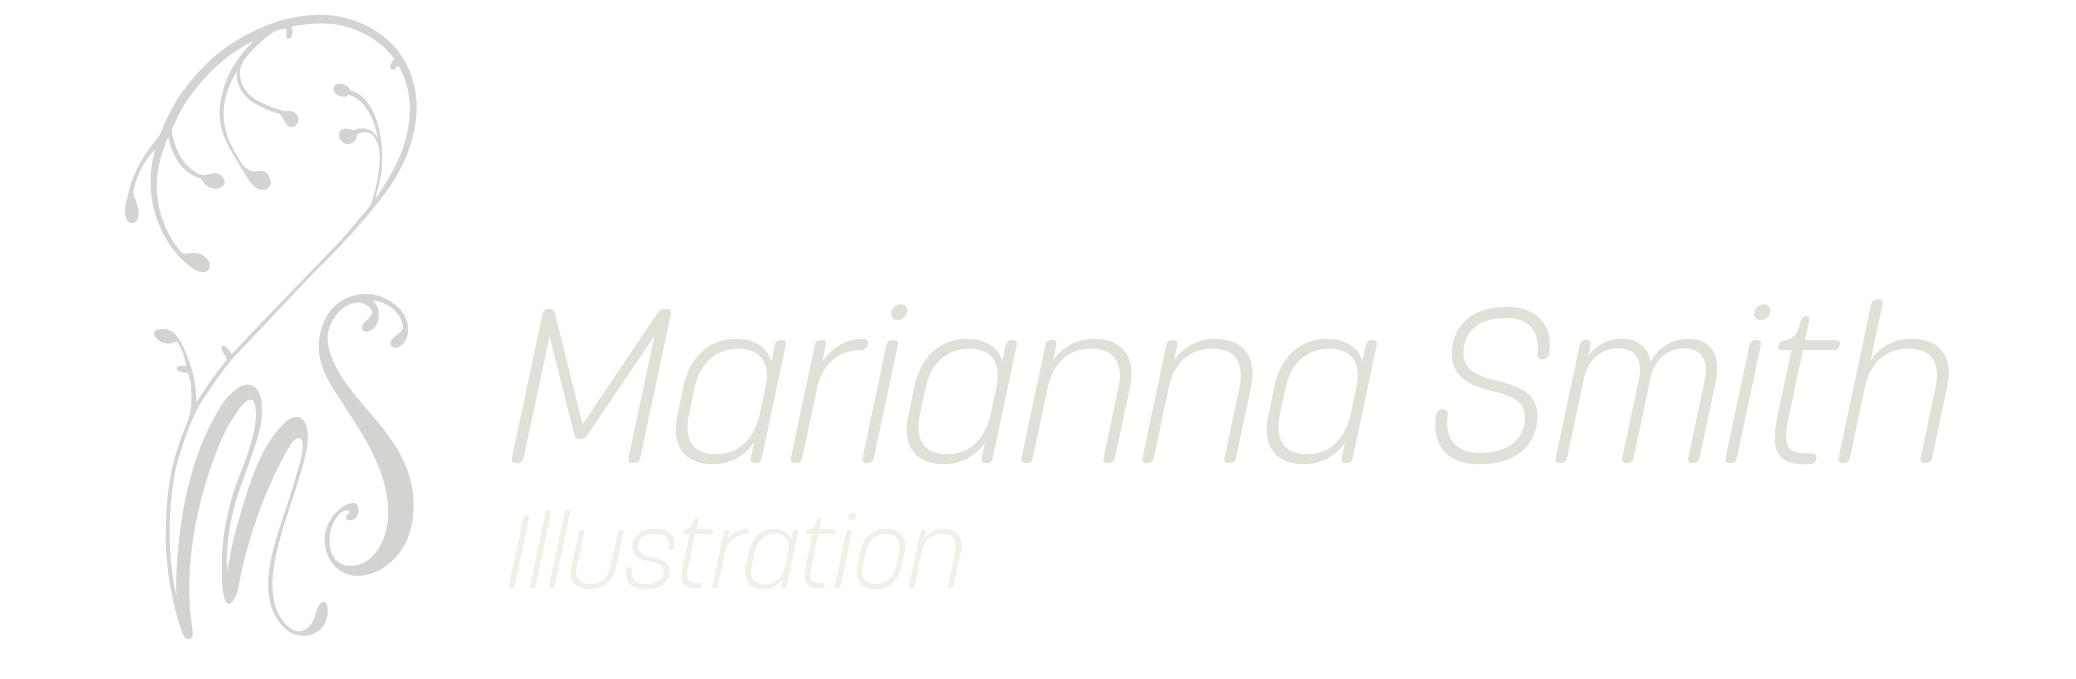 Marianna Smith